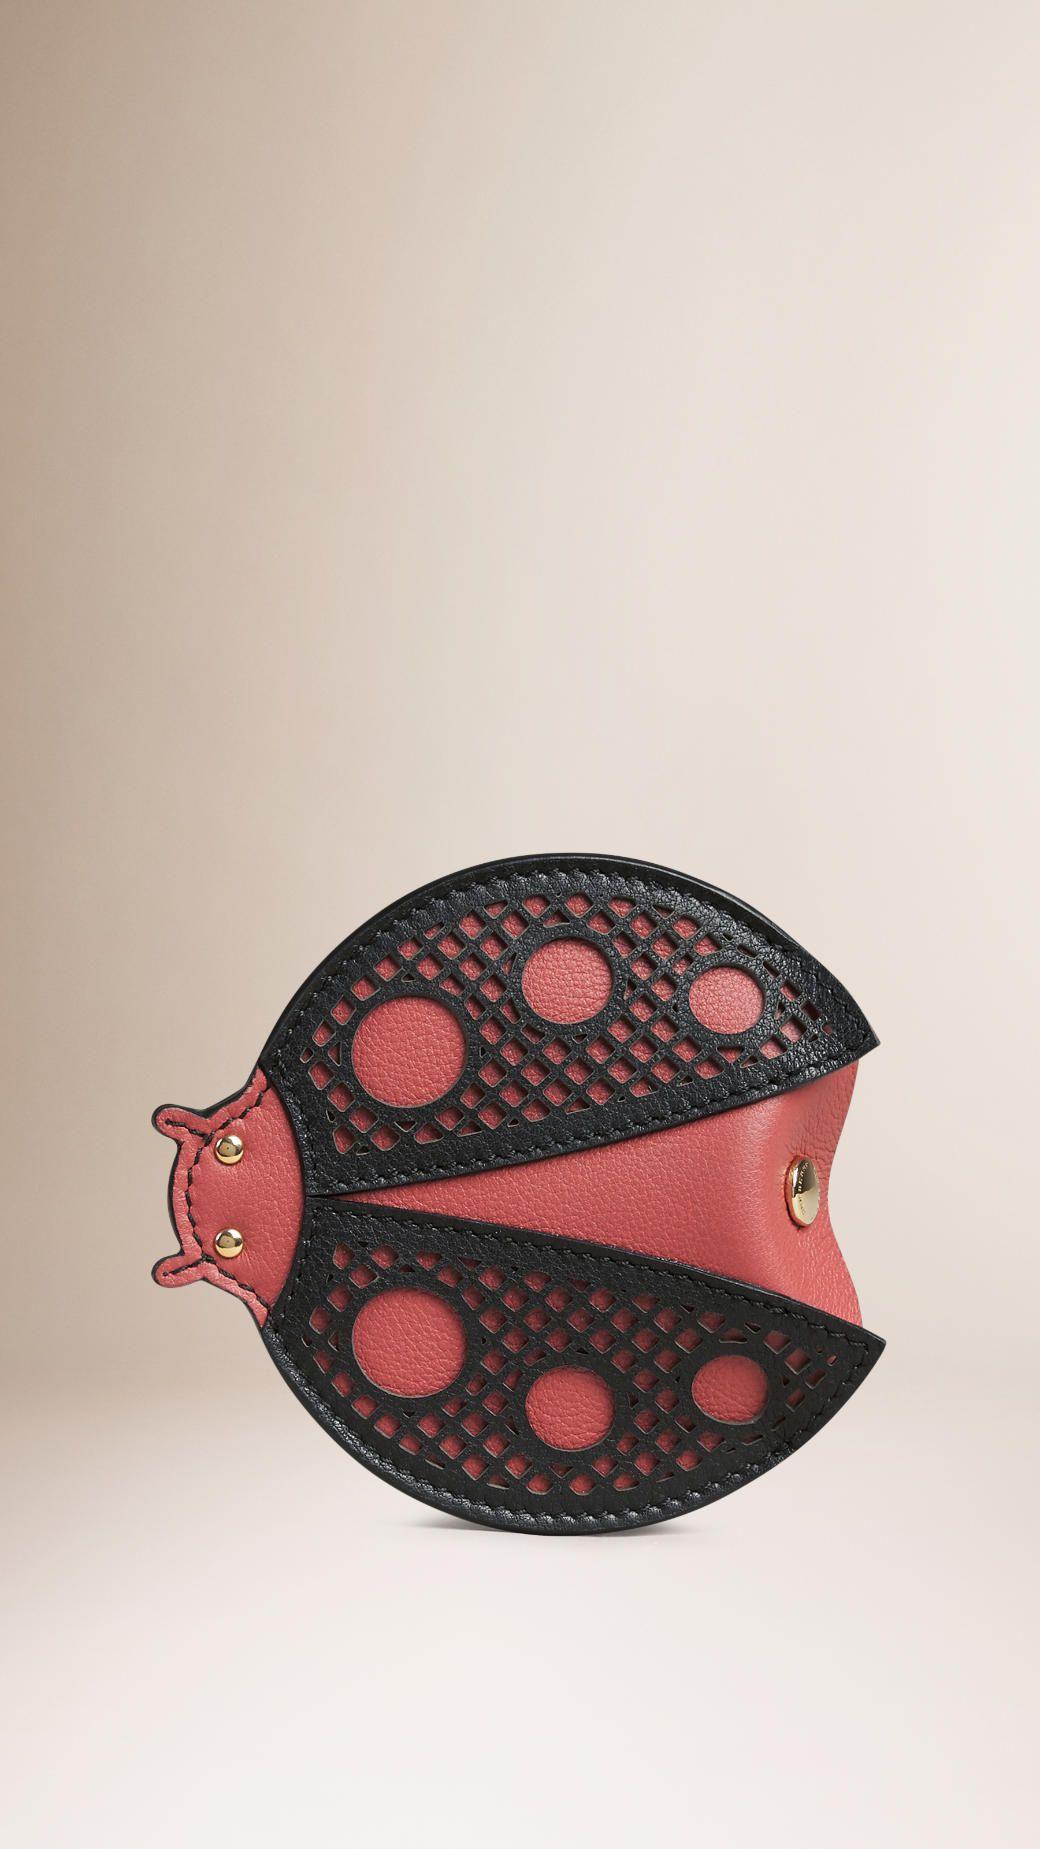 Münzbörse aus lasergeschnittenem Leder im Marienkäferdesign Antikrosa | Burberry